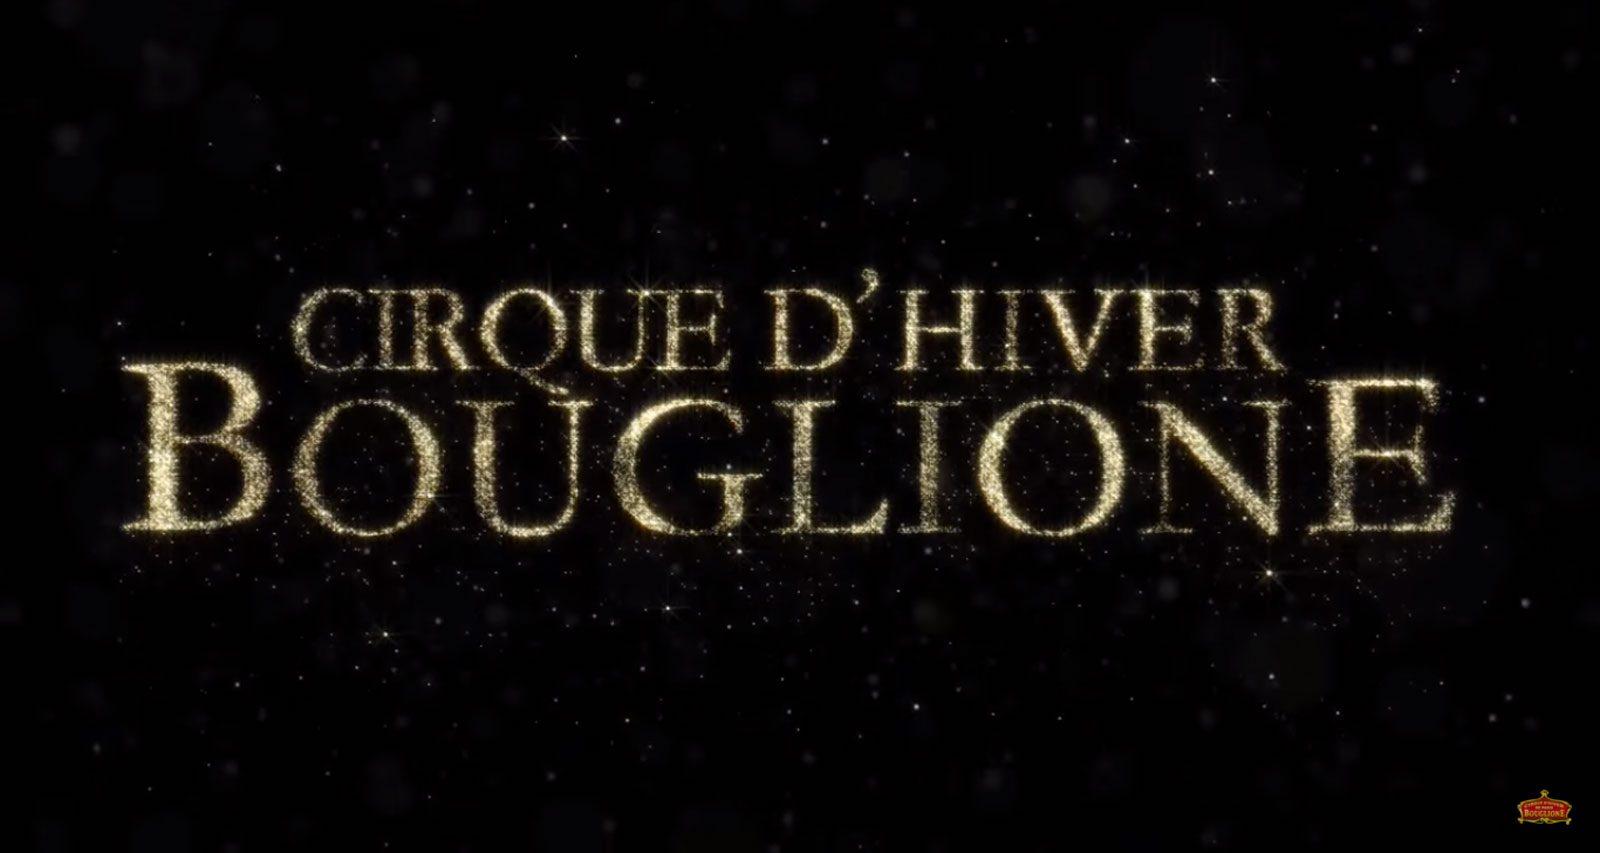 Le Cirque d'hiver Bouglione présente son nouveau spectacle «Festif'» à Metz